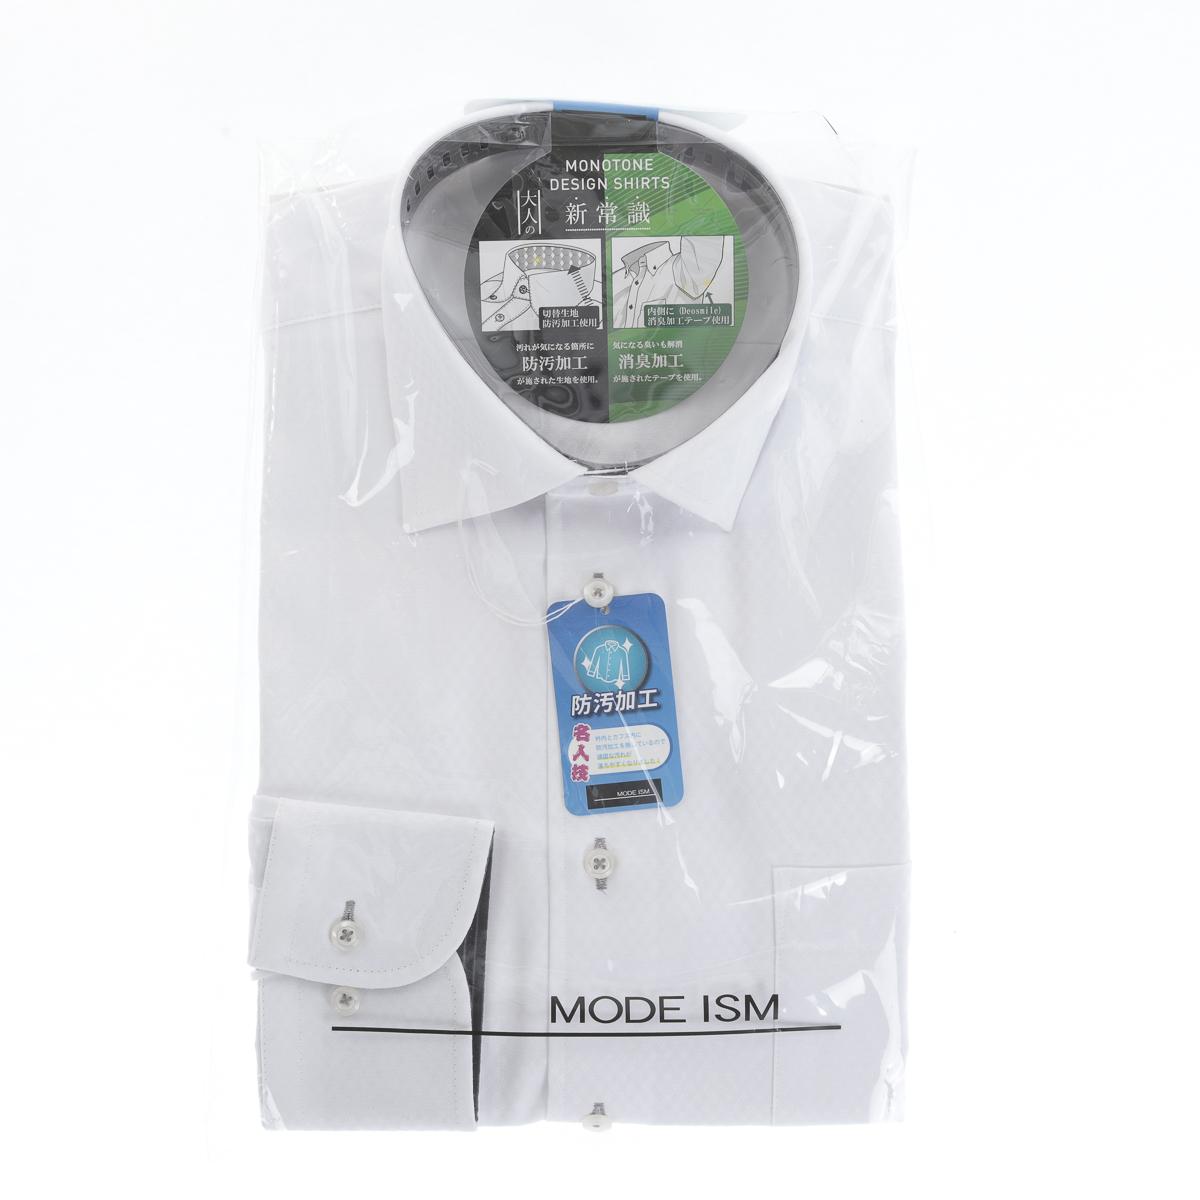 形態安定 防汚 消臭 セミワイド ワイシャツ 長袖 【MODE ISM】